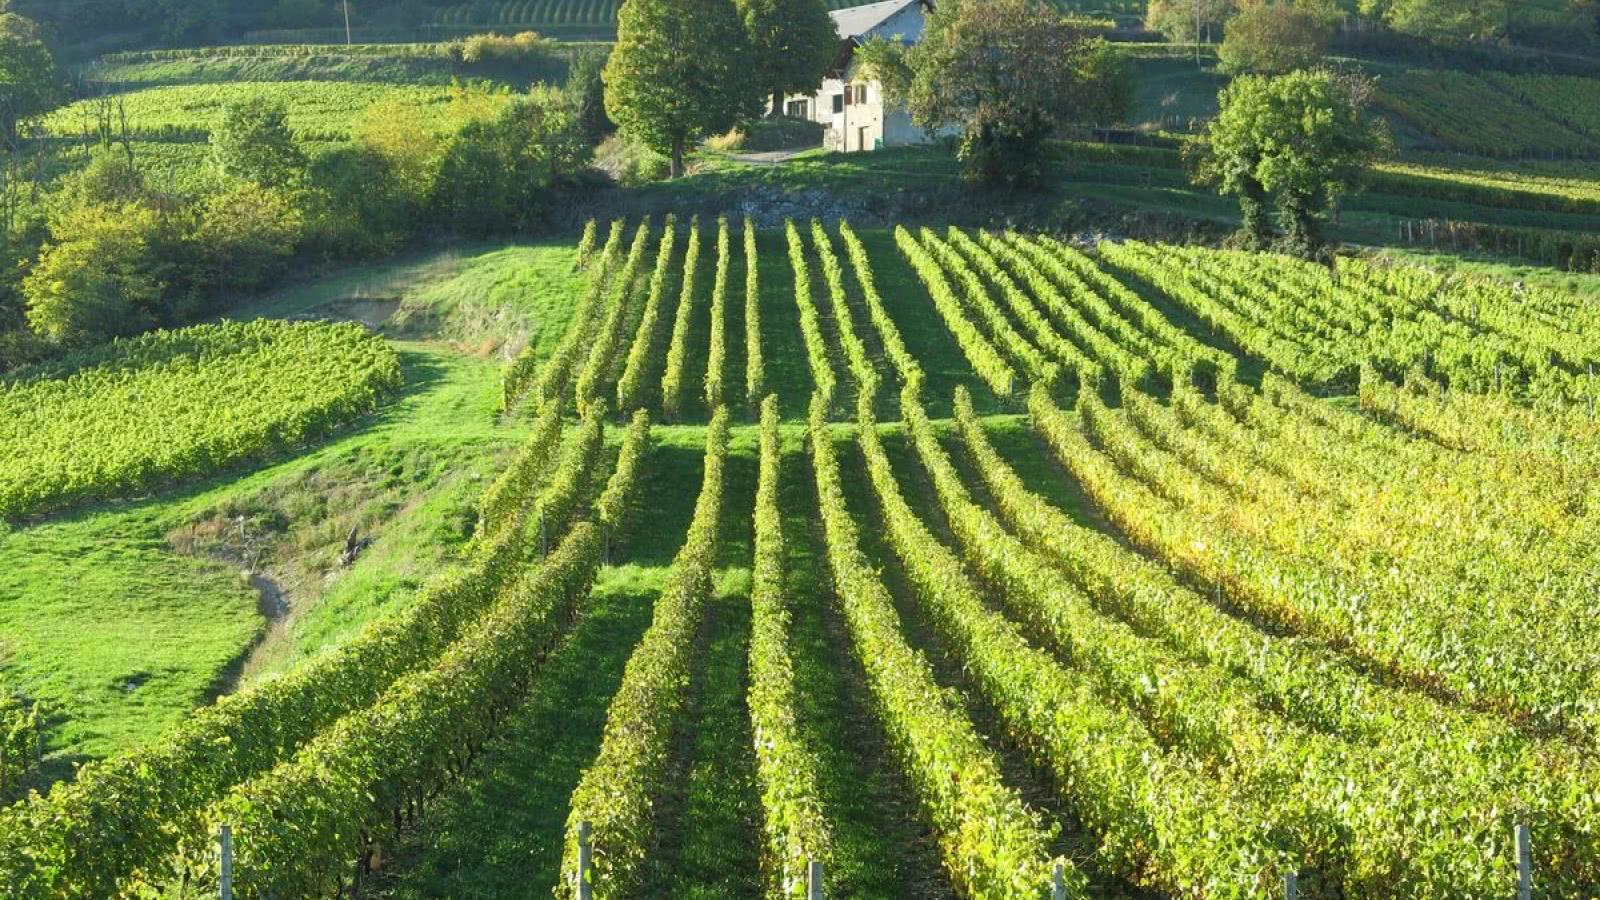 Les vignobles d'Apremont